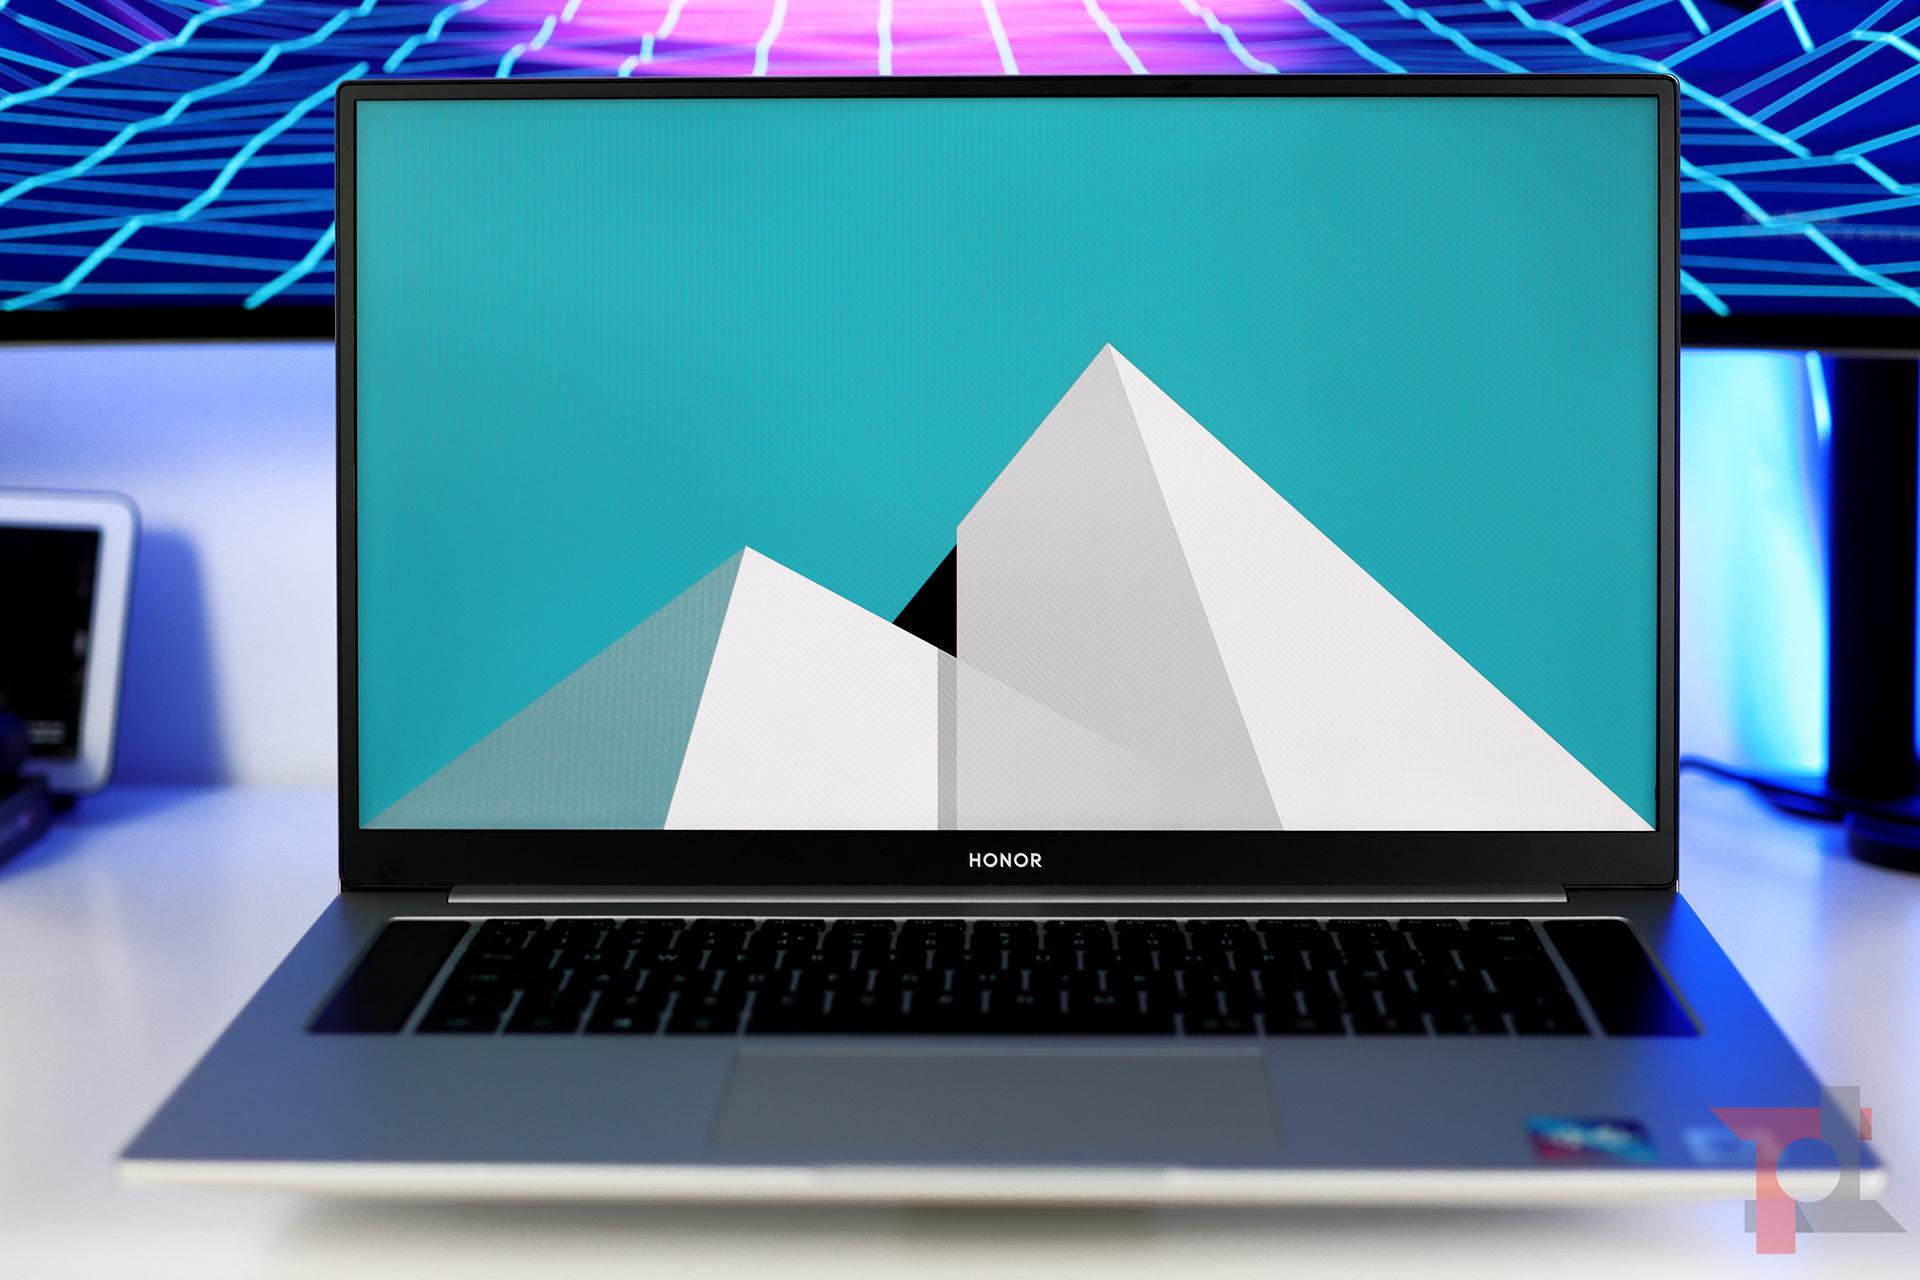 Honor MagicBook Intel display